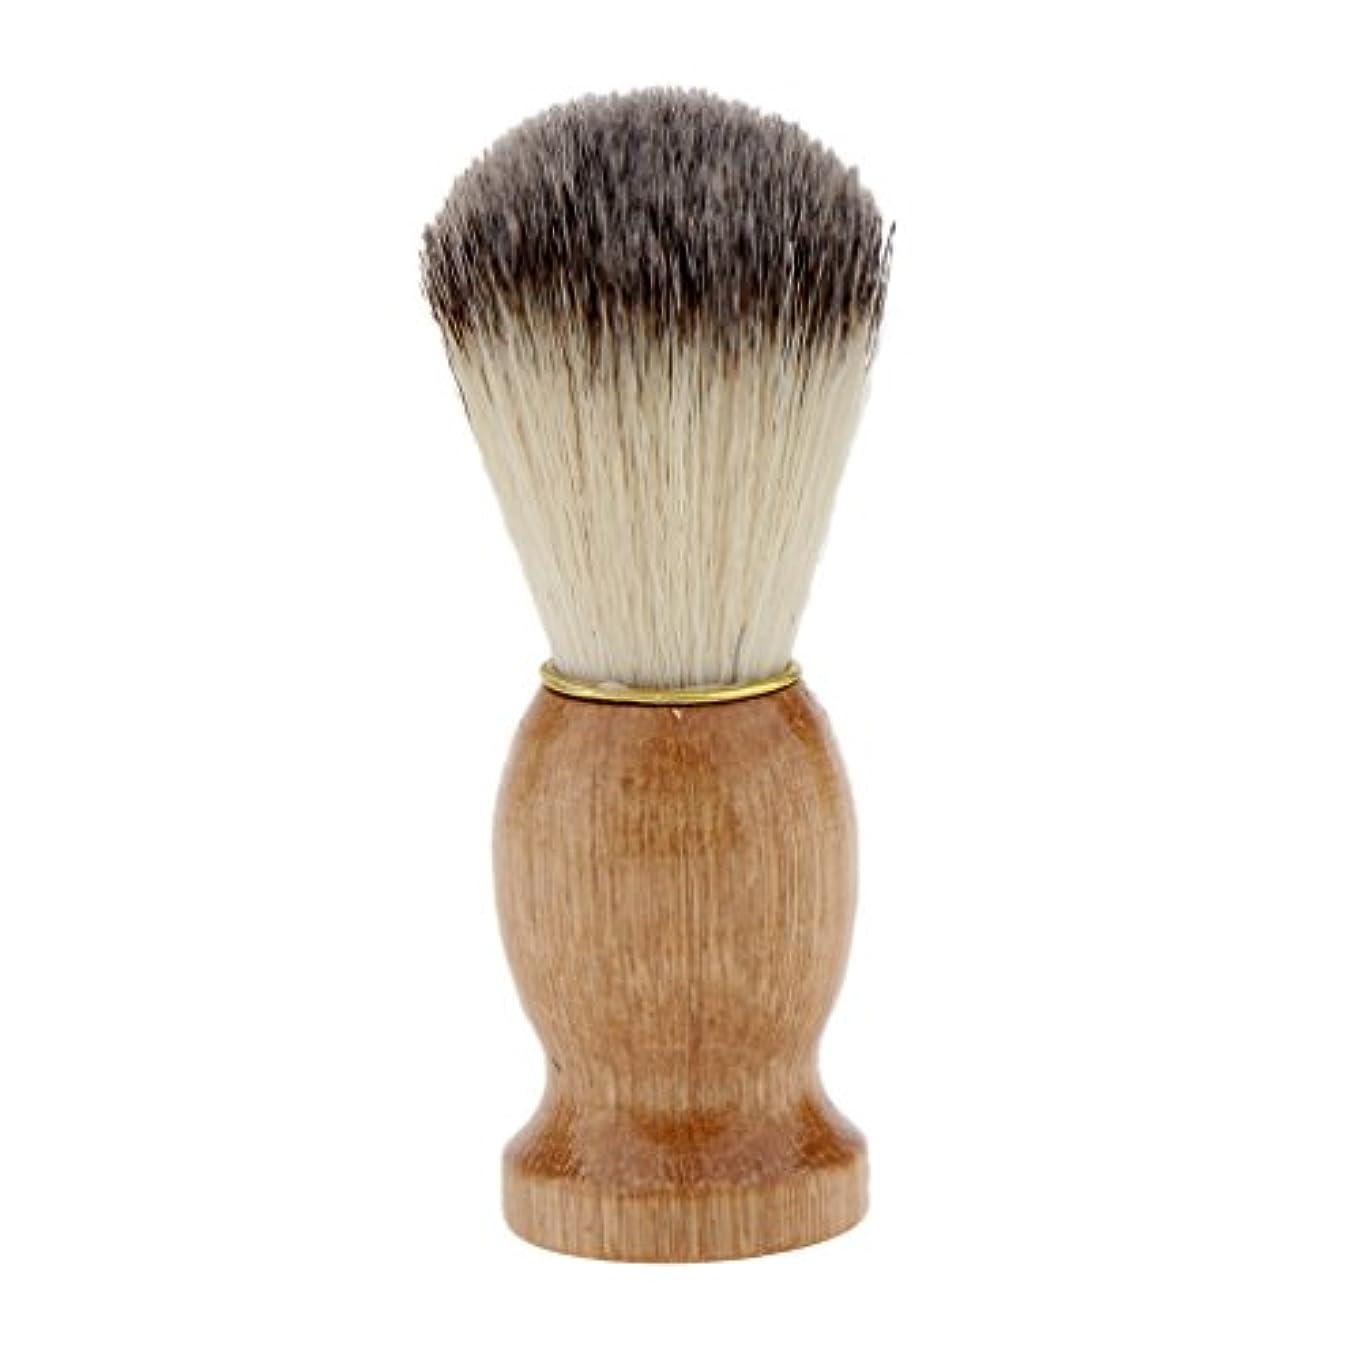 CUTICATE シェービングブラシ 理容師 シェービングブラシ ひげ剃りブラシ コスメブラシ 木製ハンドル